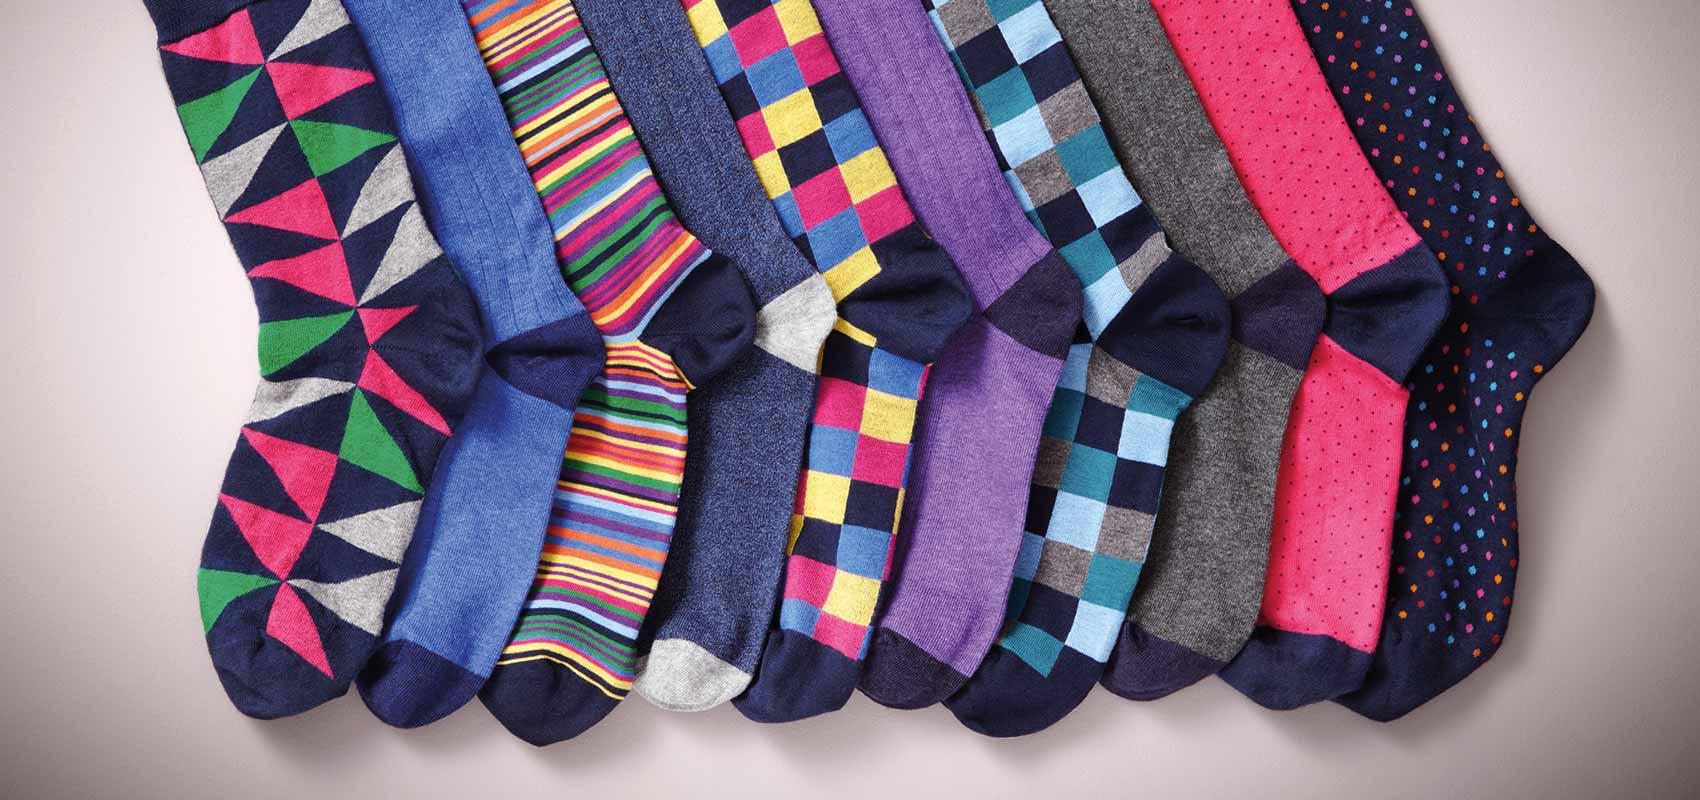 Charles Tyrwhitt socks